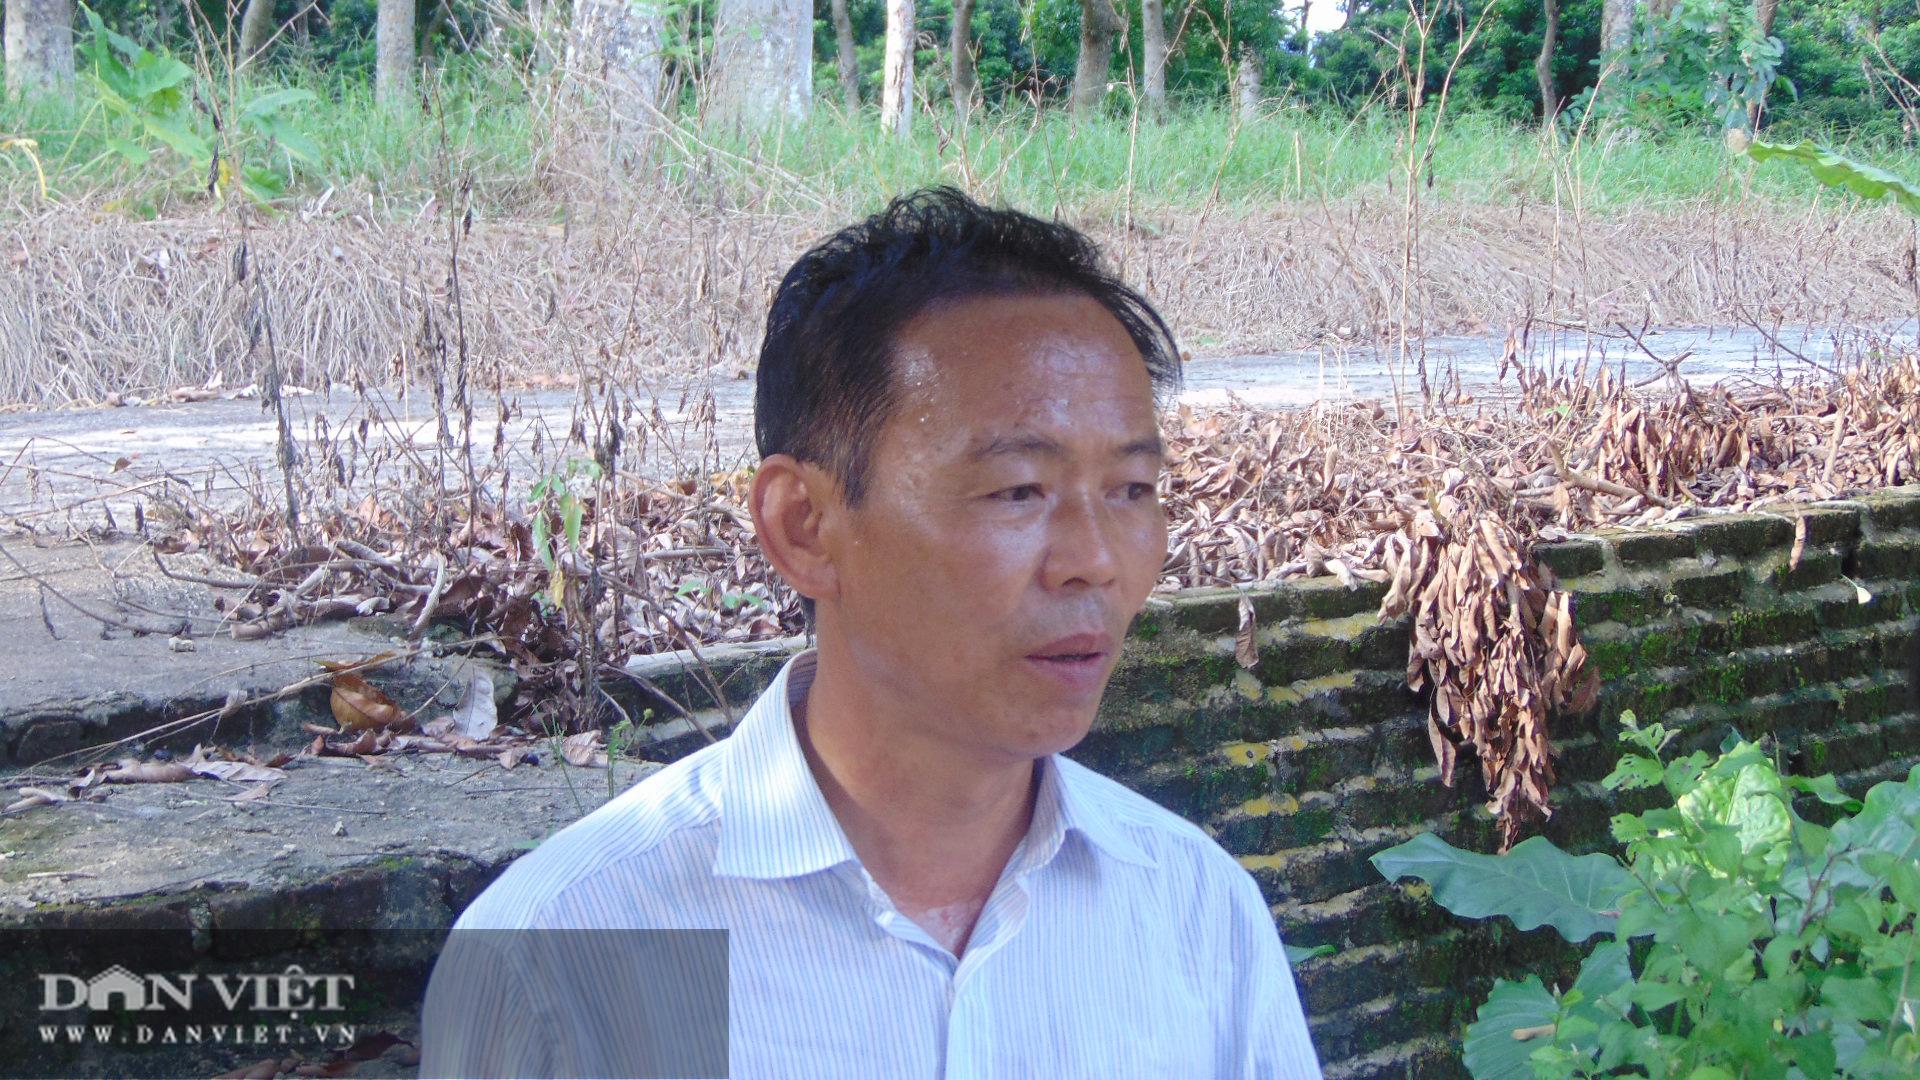 Thái Nguyên: Chết hàng chục tấn cá nghi do ao bị nhiễm nguồn nước độc lạ - Ảnh 2.